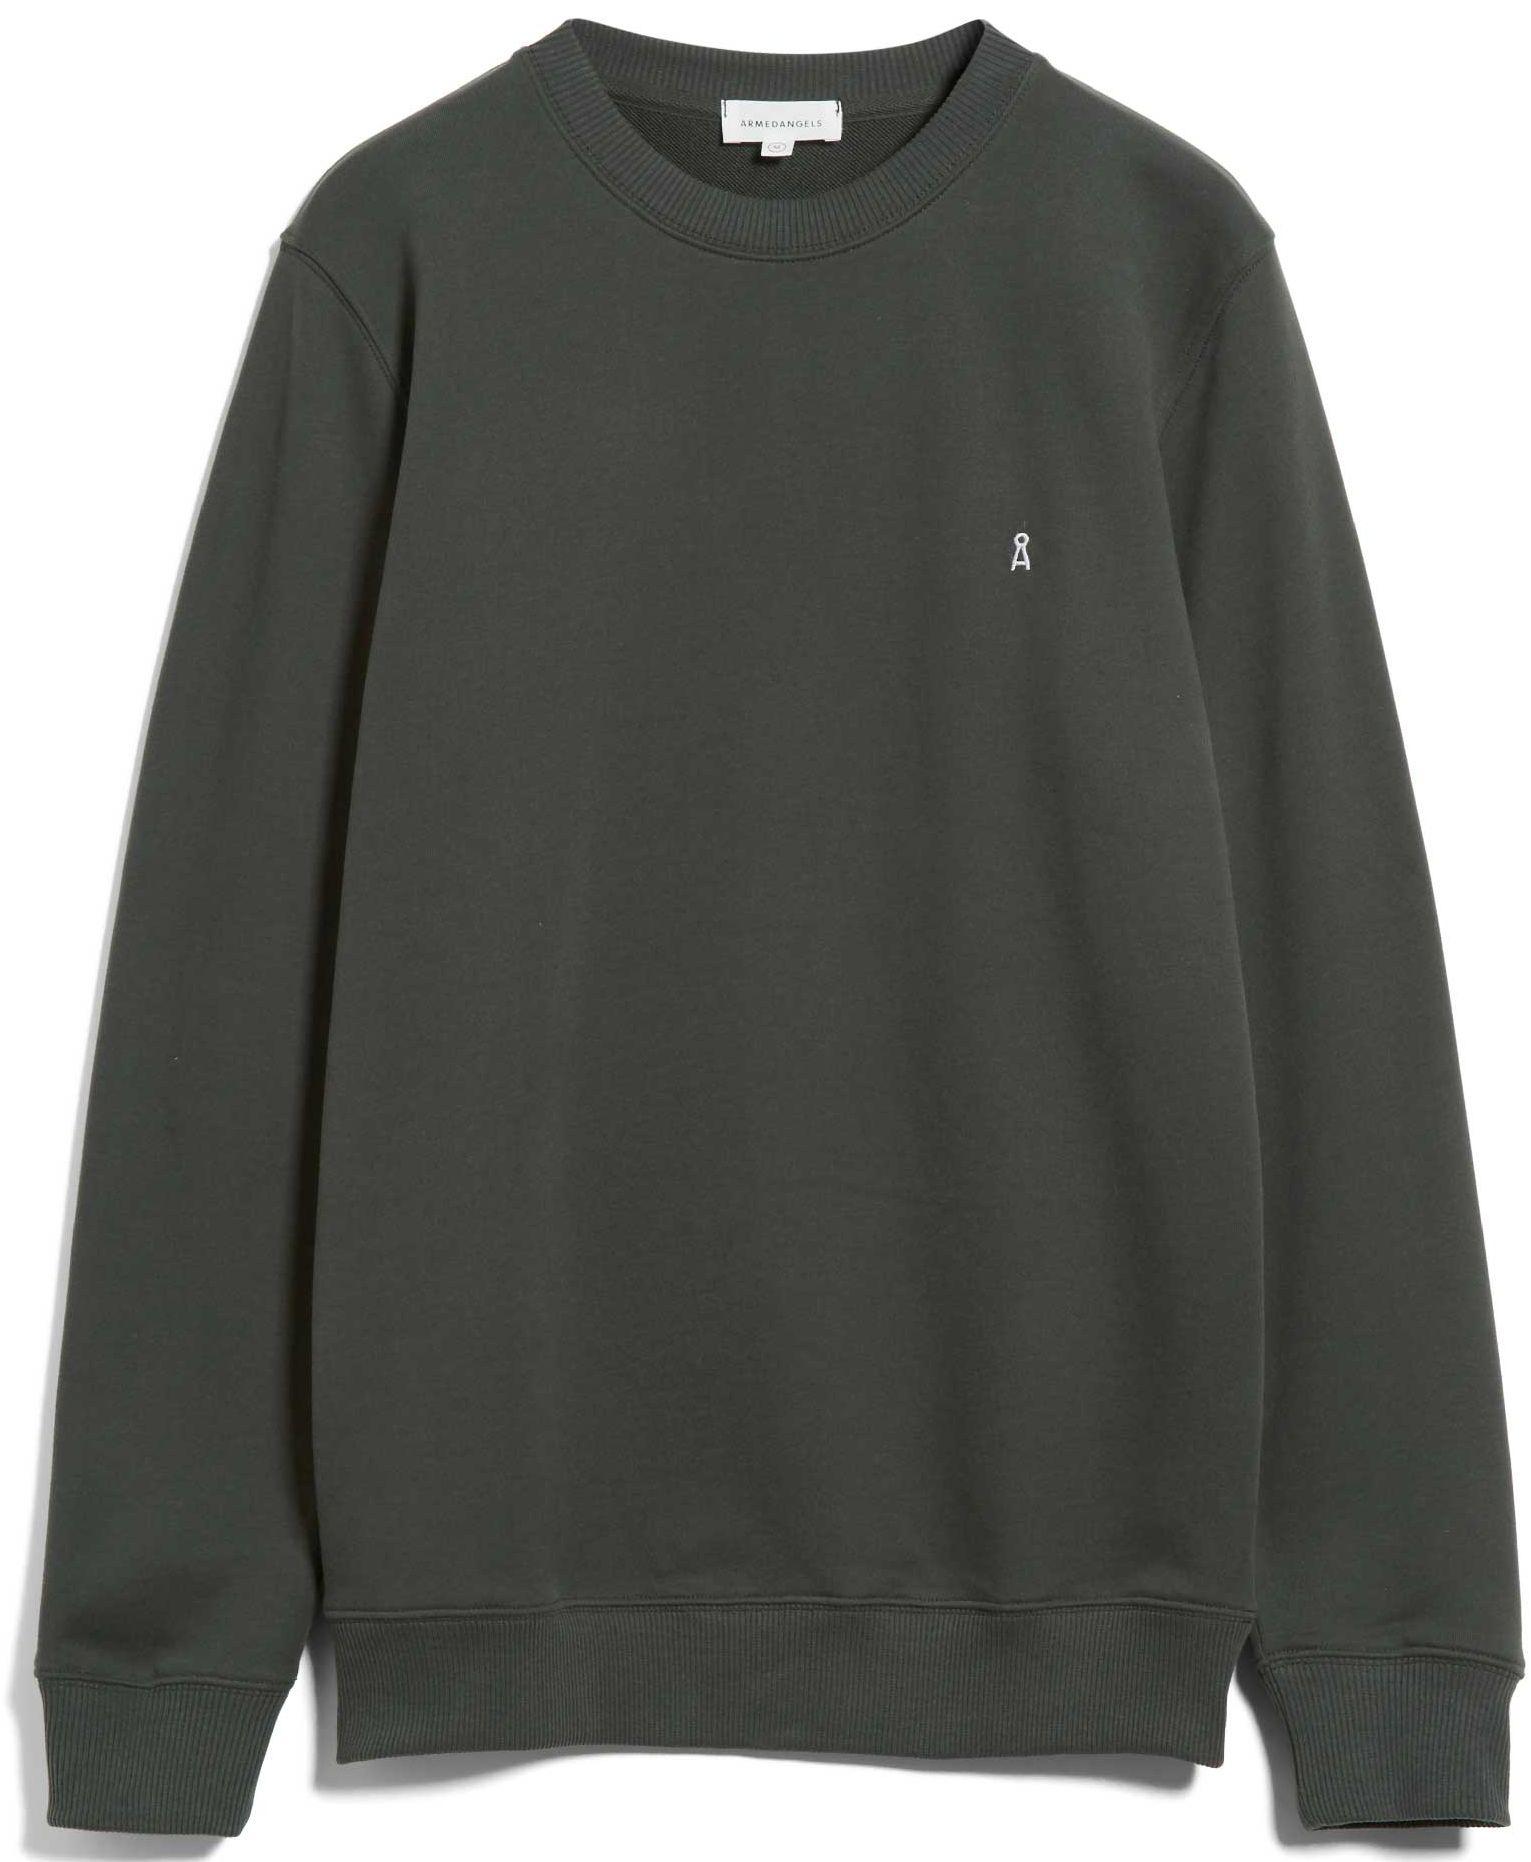 Herren-Sweatshirt MAALTE COMFORT dark pine